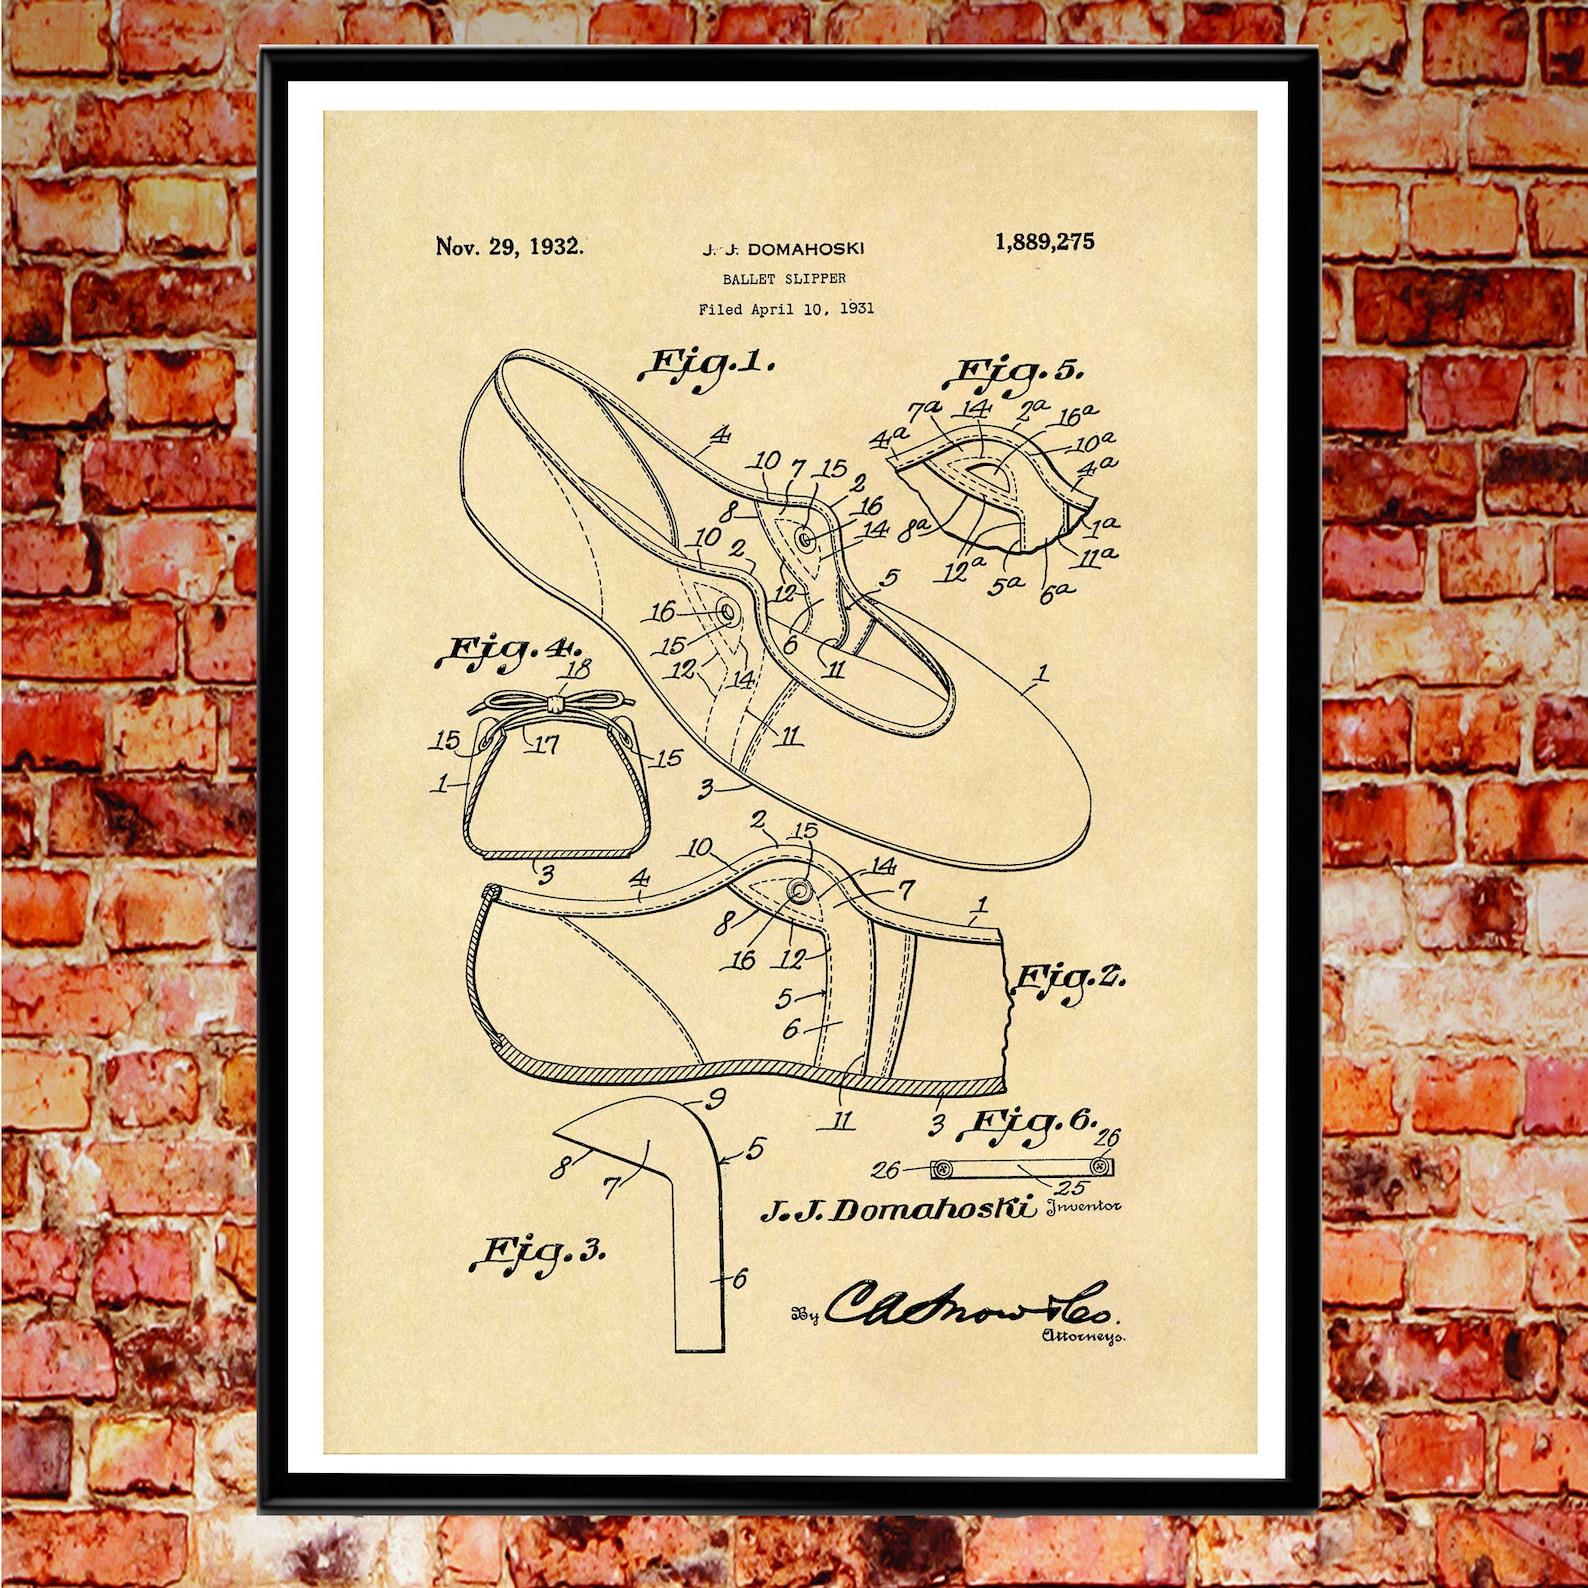 ballet shoe ballet slipper ballerina pumps ballerina wall art ballet poster ballerina shoe ballet studio poster 5x7 to 50cmx70cm